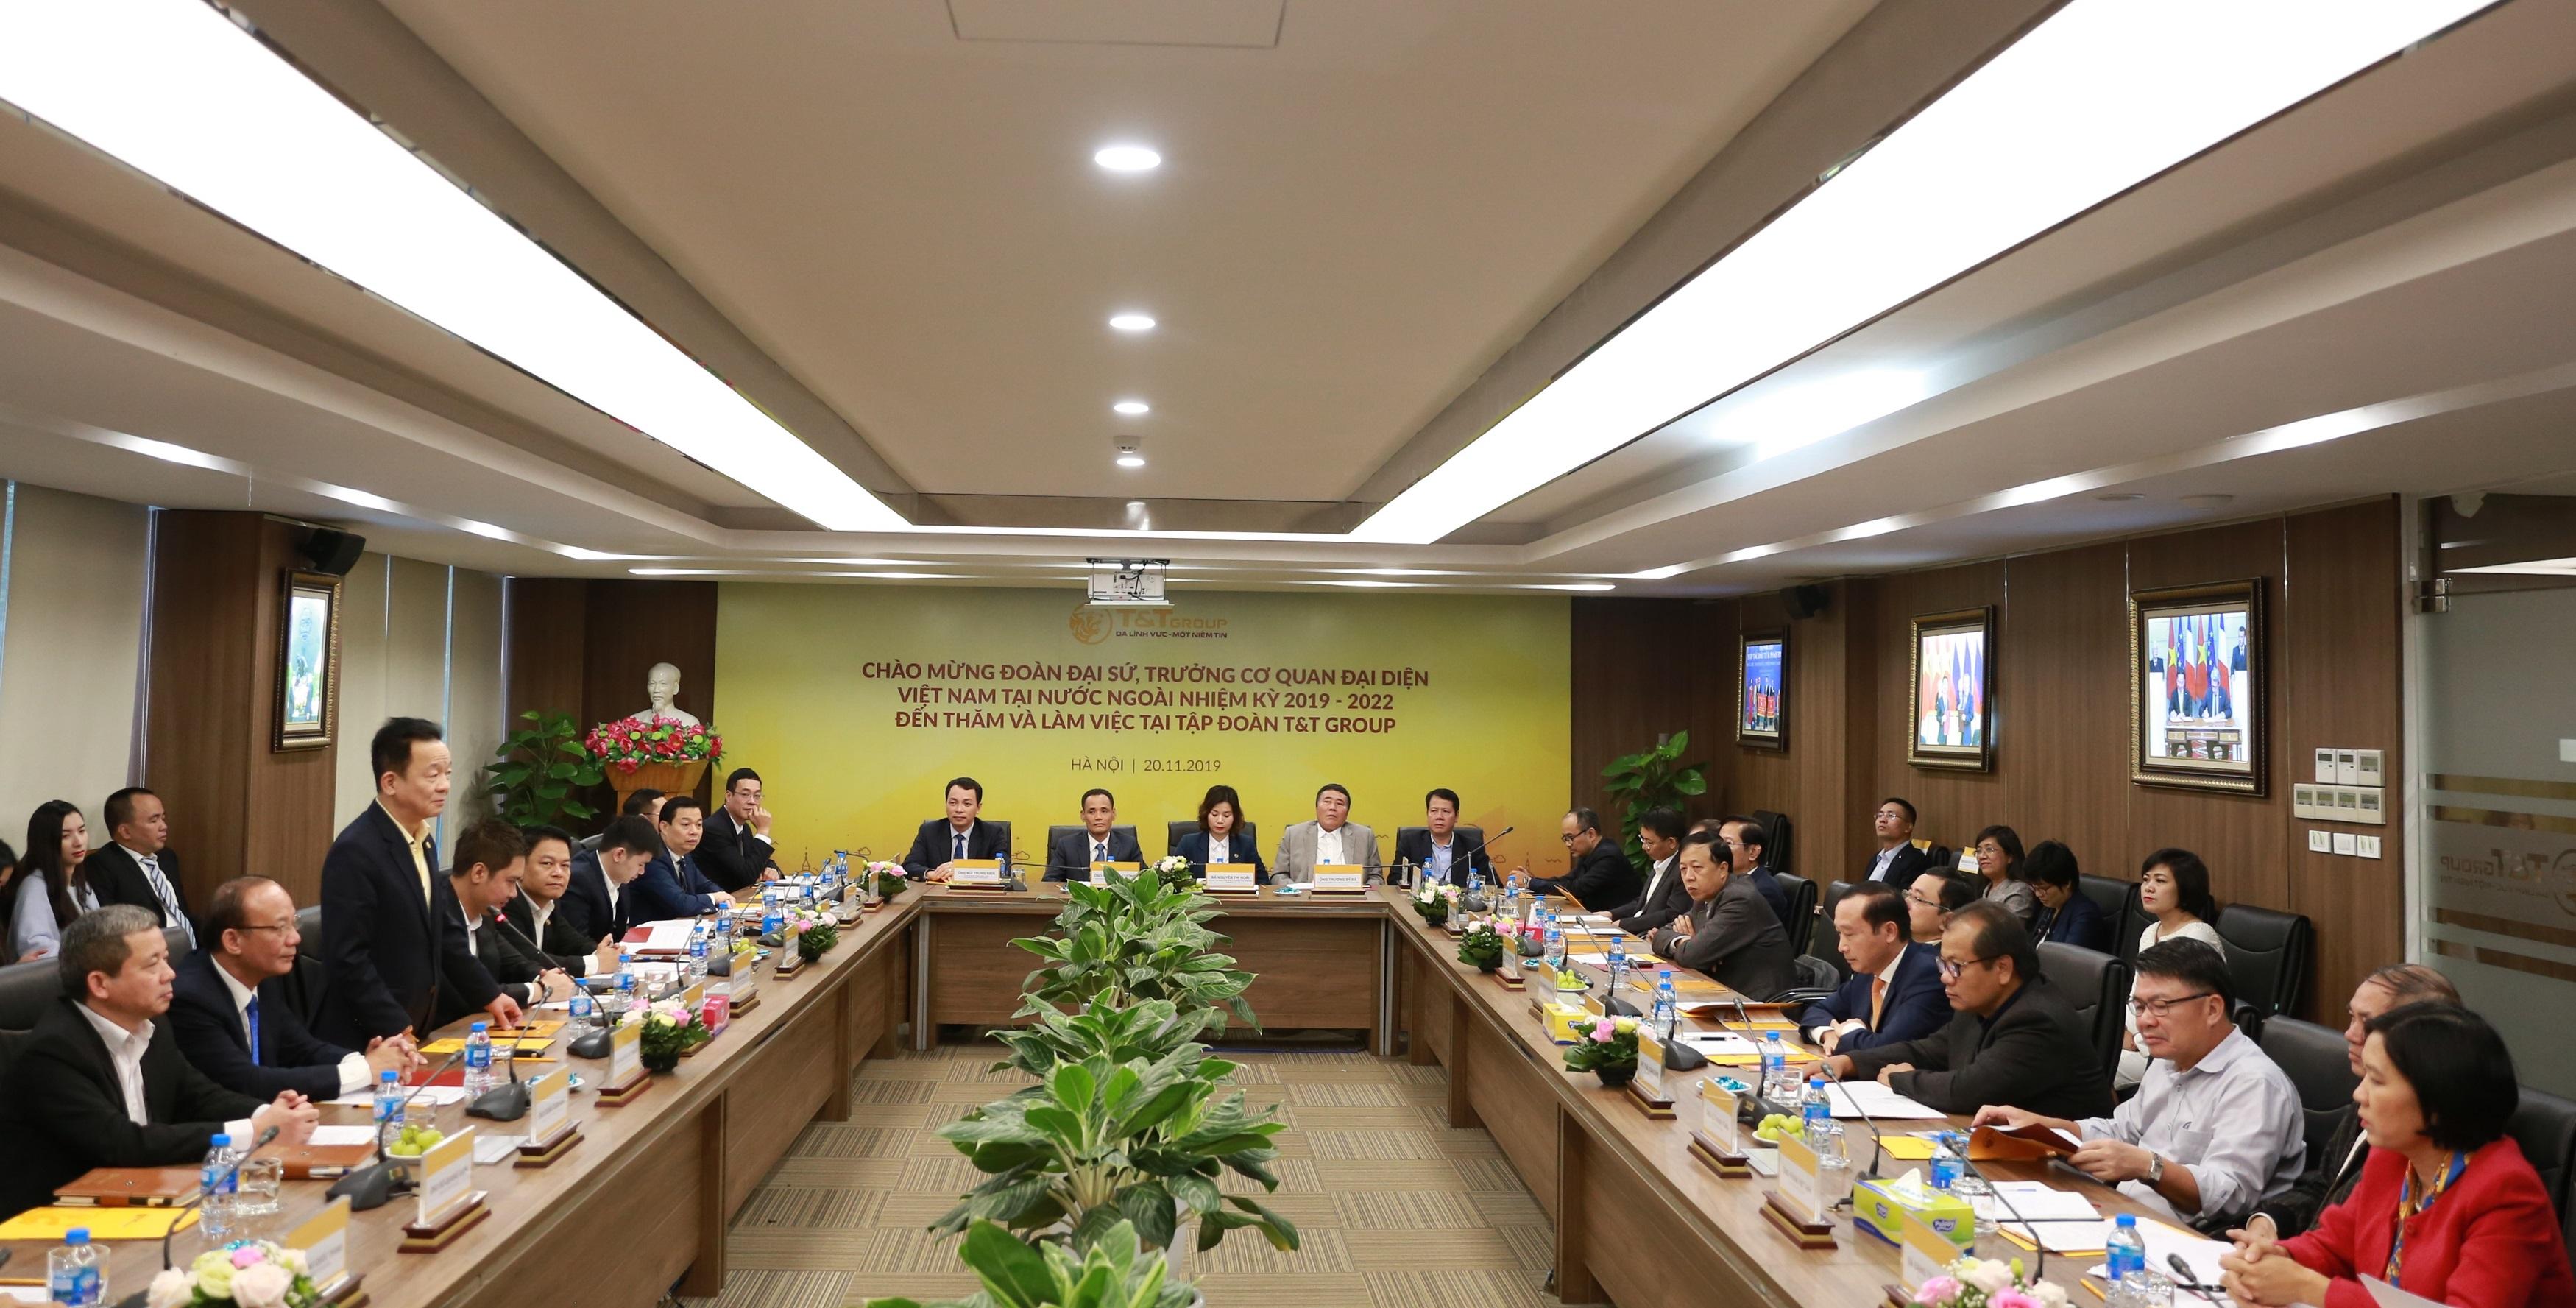 T&T Group là lựa chọn tốt để tạo cú hích hợp tác kinh tế quốc tế - Ảnh 1